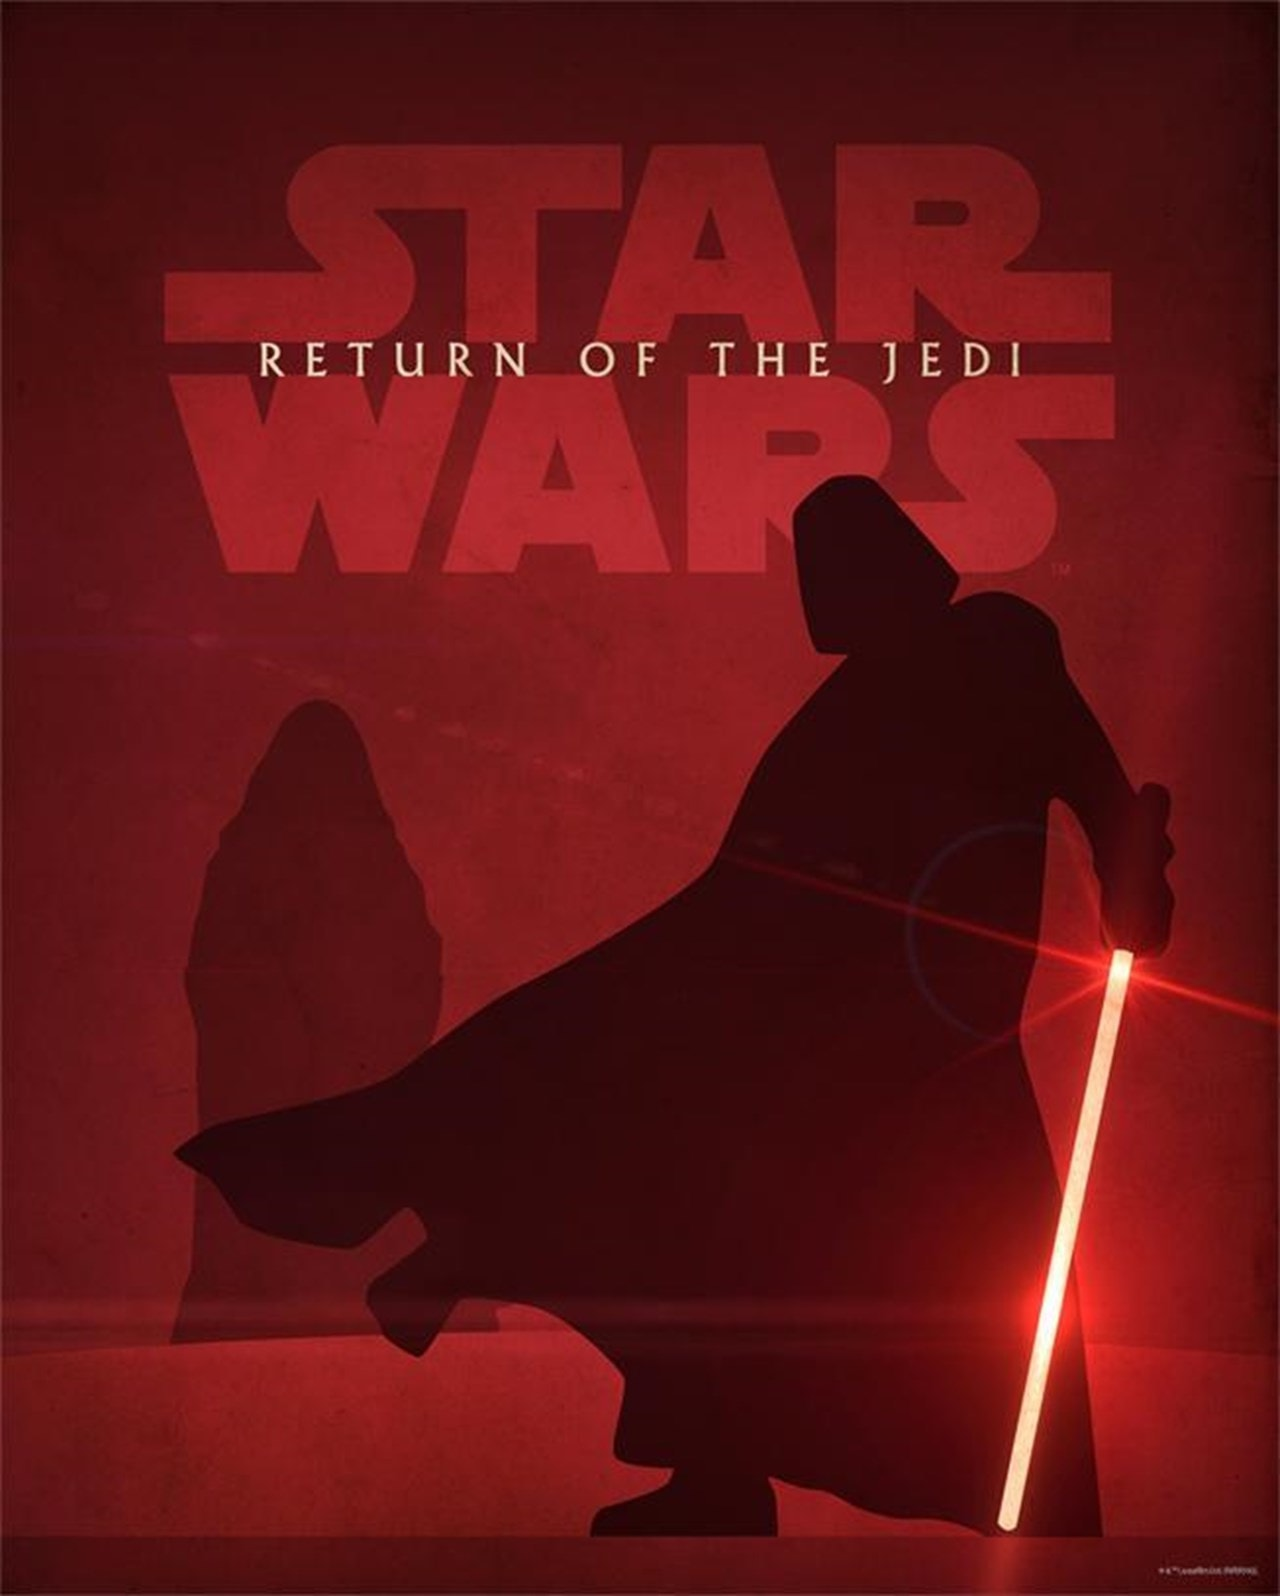 Return of the Jedi: Star Wars Limited Edition Art Print - 1